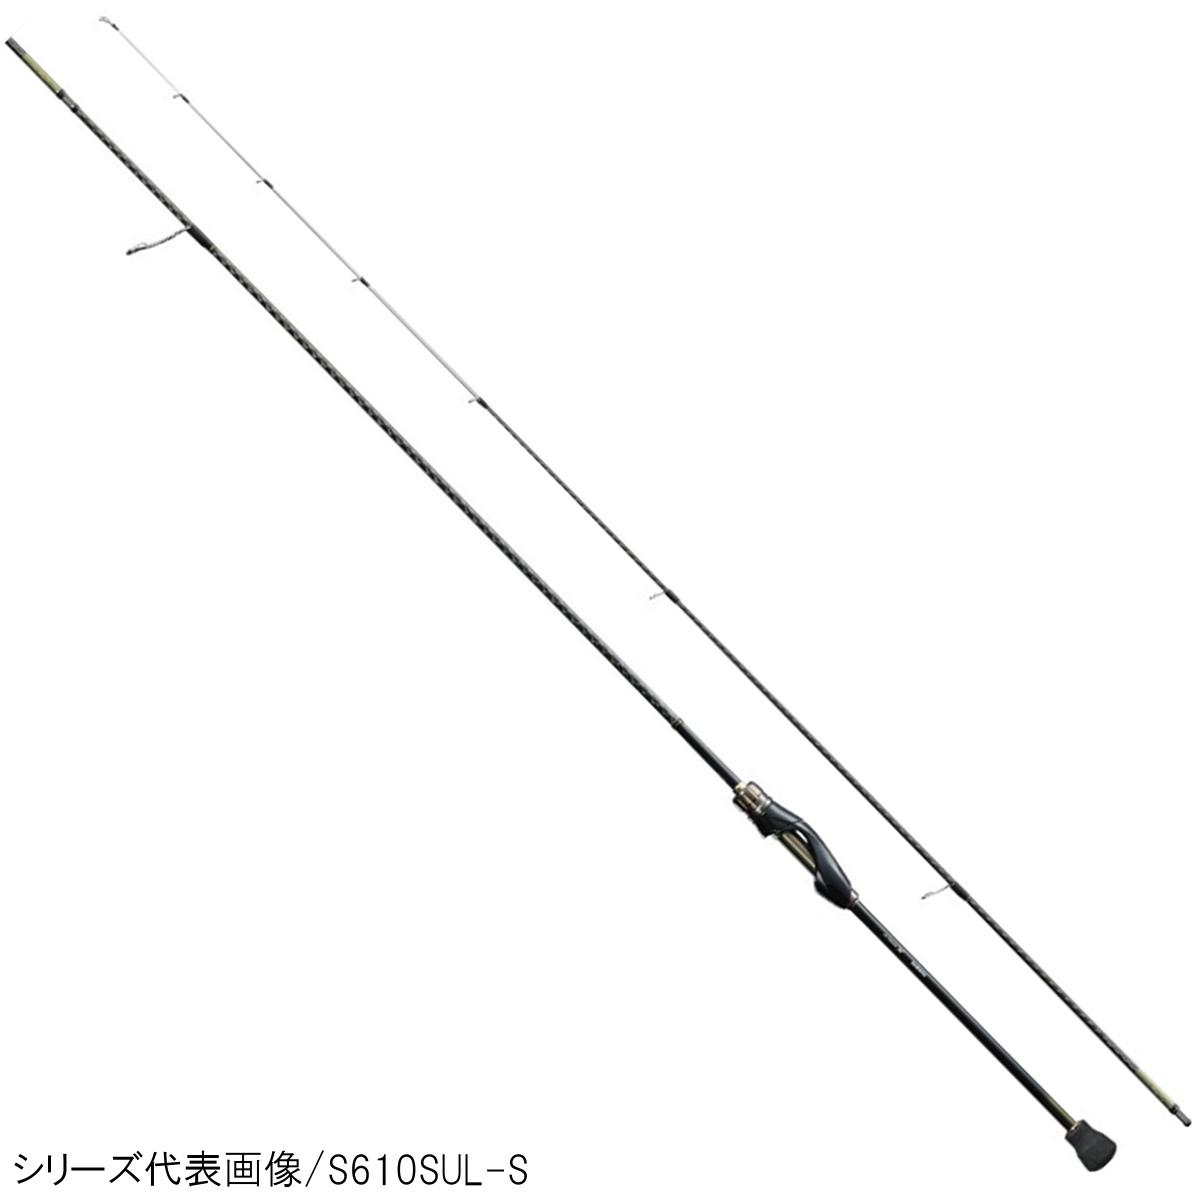 シマノ ソアレ SS アジング S74L-S【送料無料】